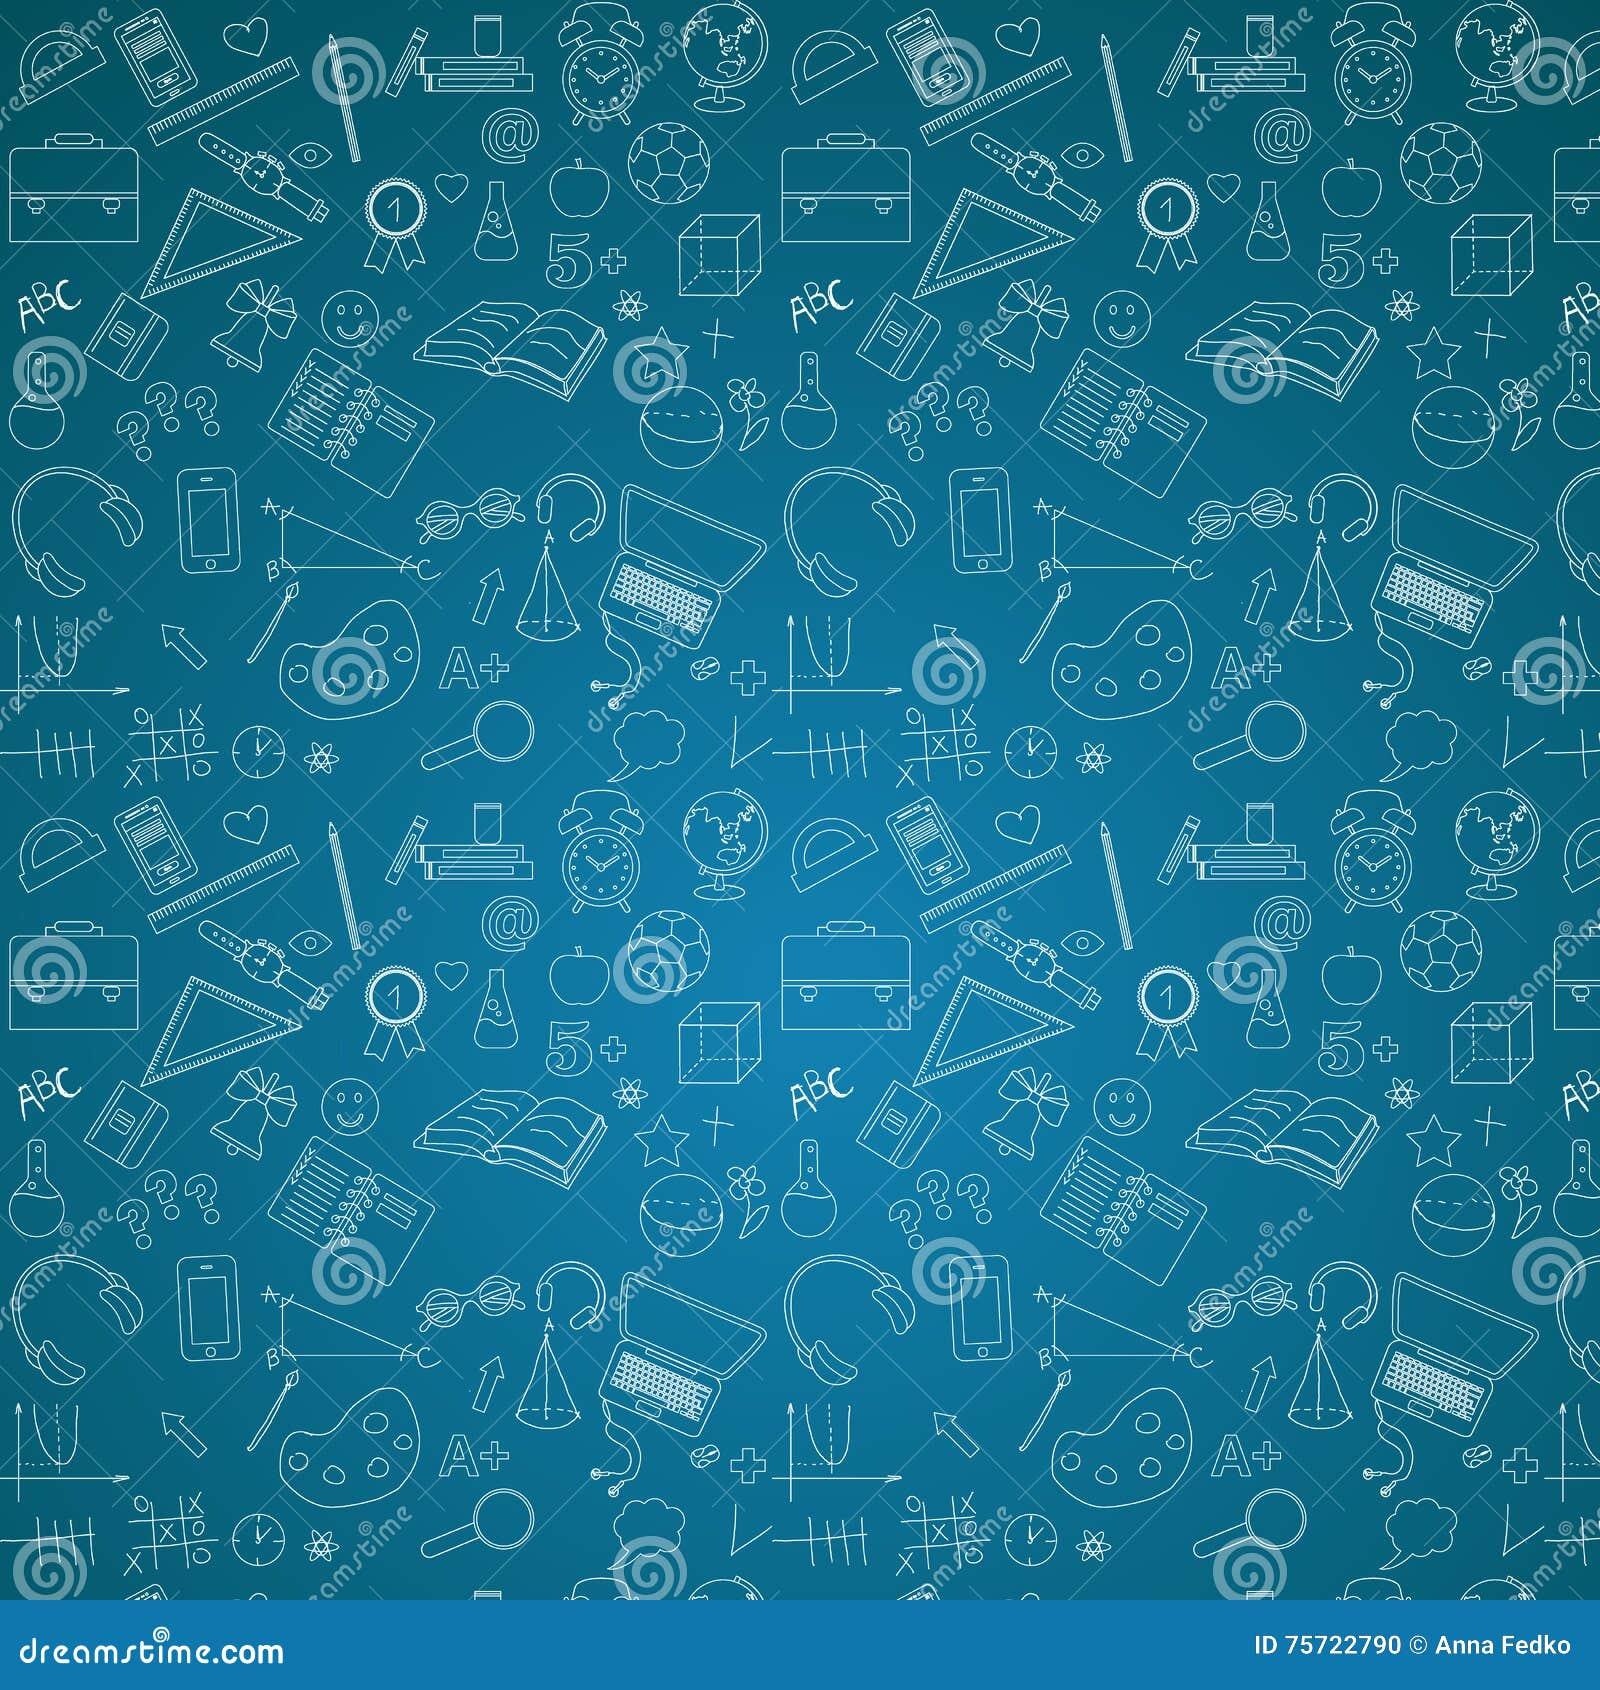 school pattern on blue chalkboard background illustration 75722790